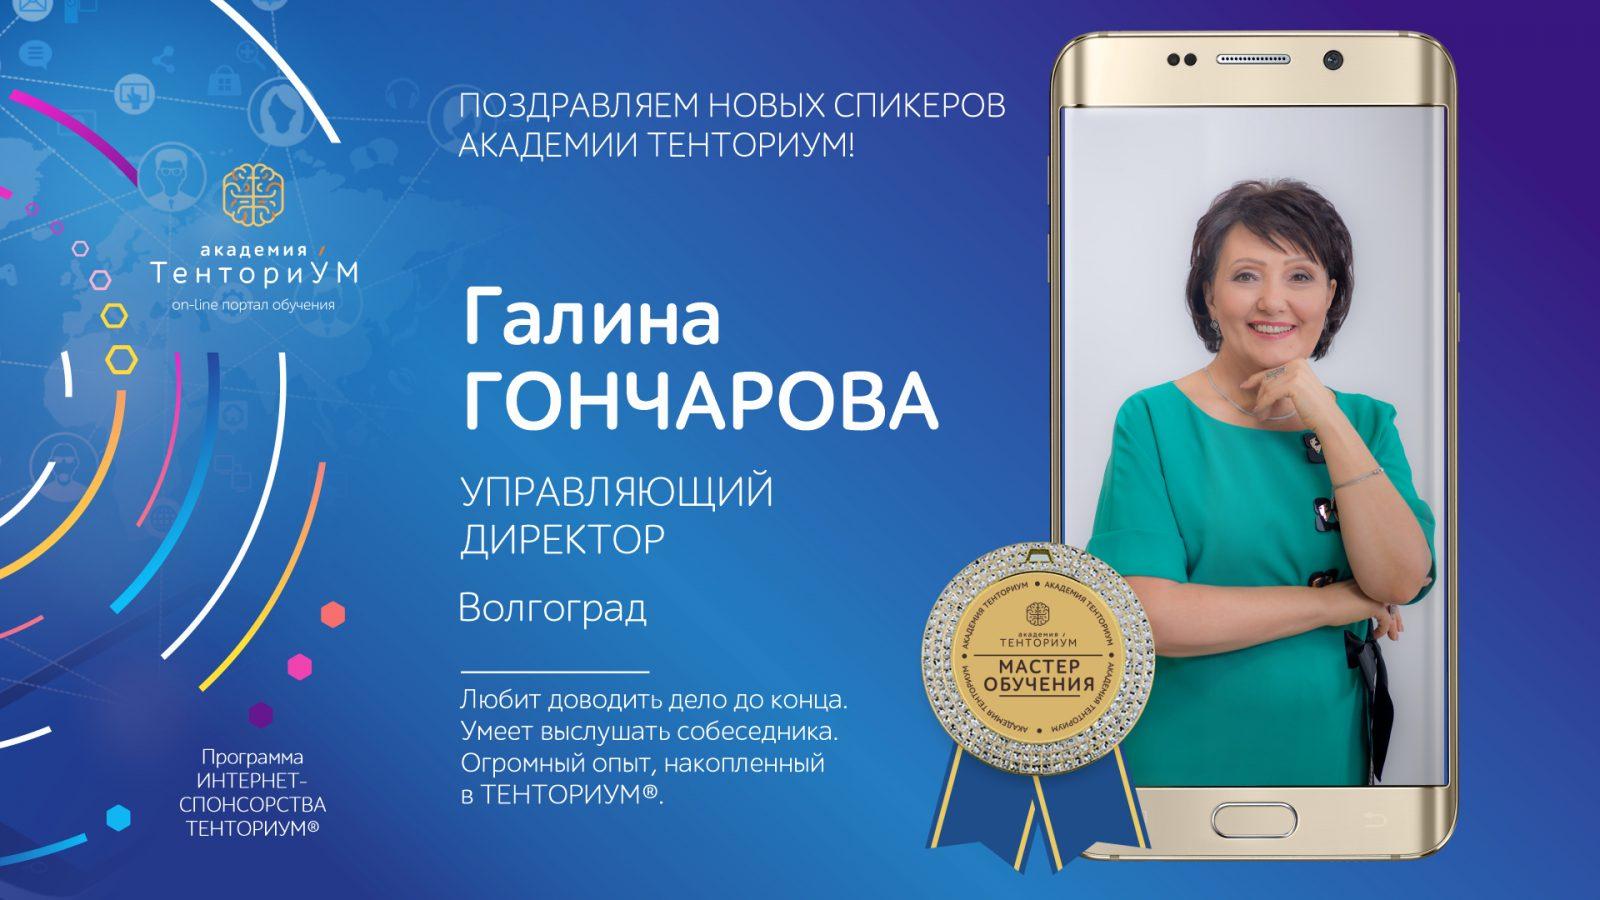 Internet-Sponsorstva-TENTORIUM-_ProDvizhenie_1920h1080-6